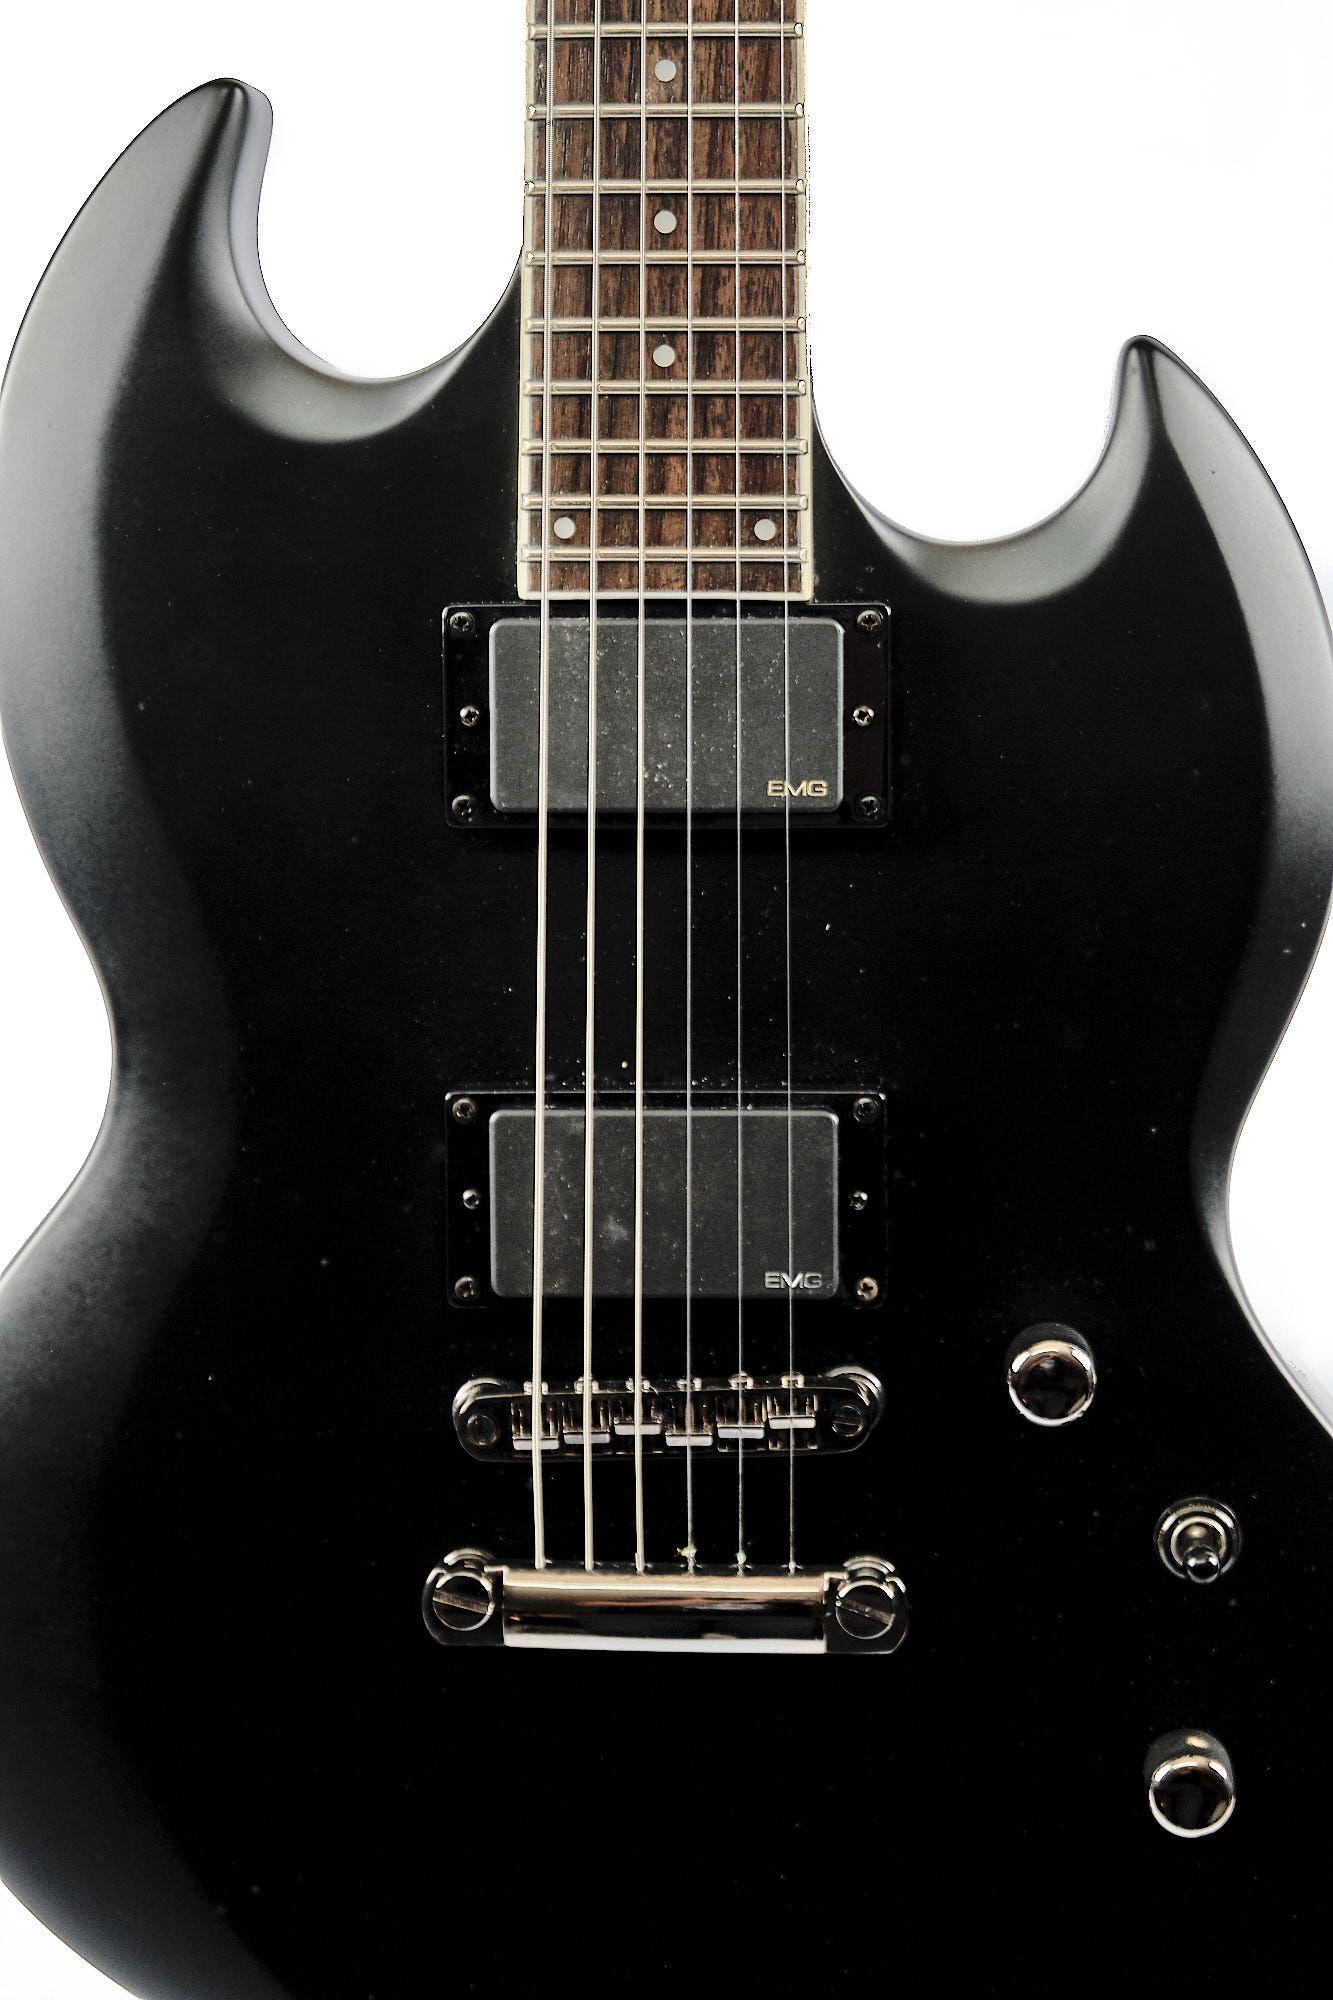 Guitarra Ltd By Esp Viper 401 Fm Stbl